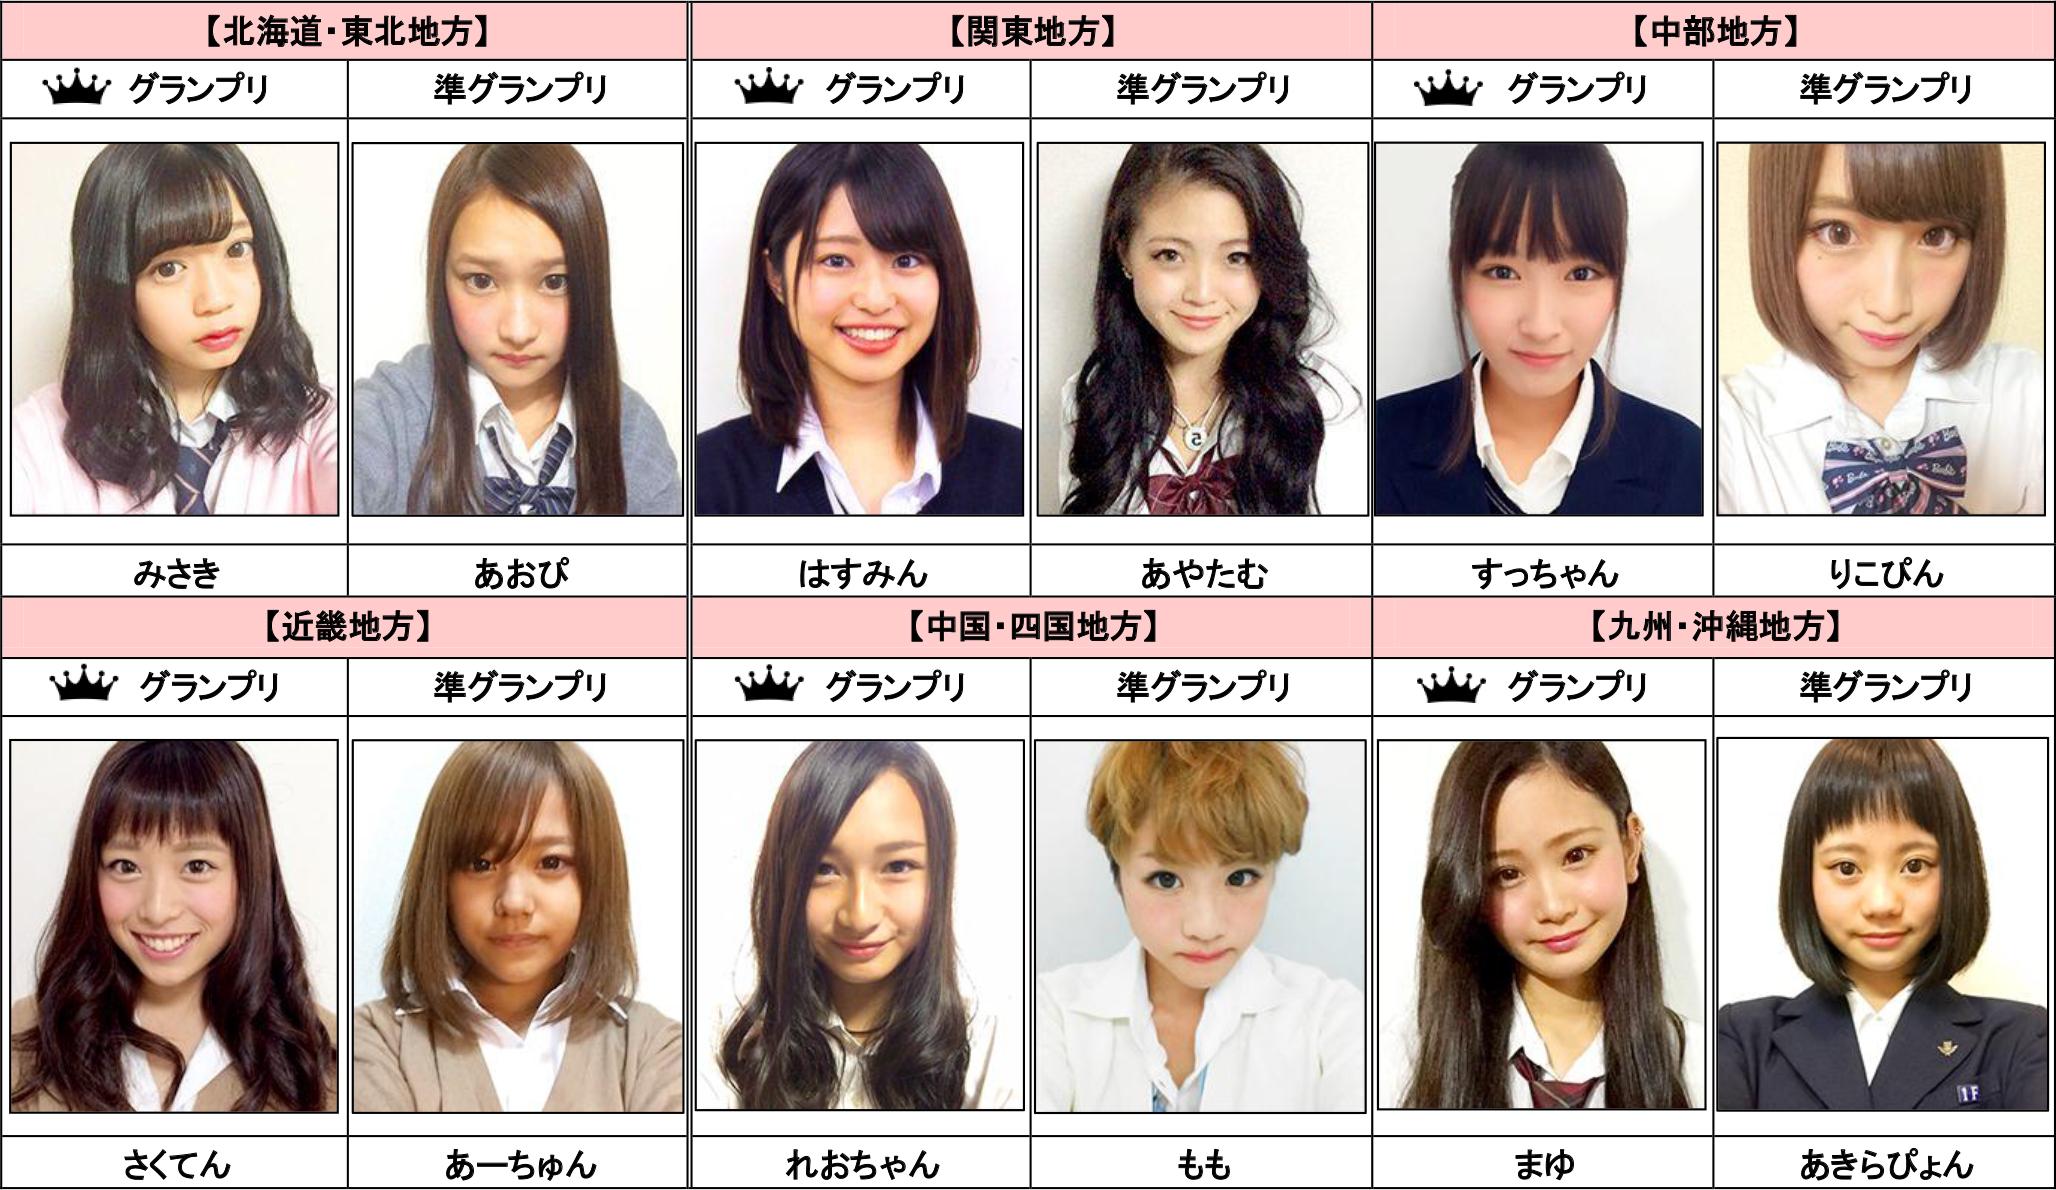 「女子高生ミスコン」地方グランプリ、準グランプリ受賞者